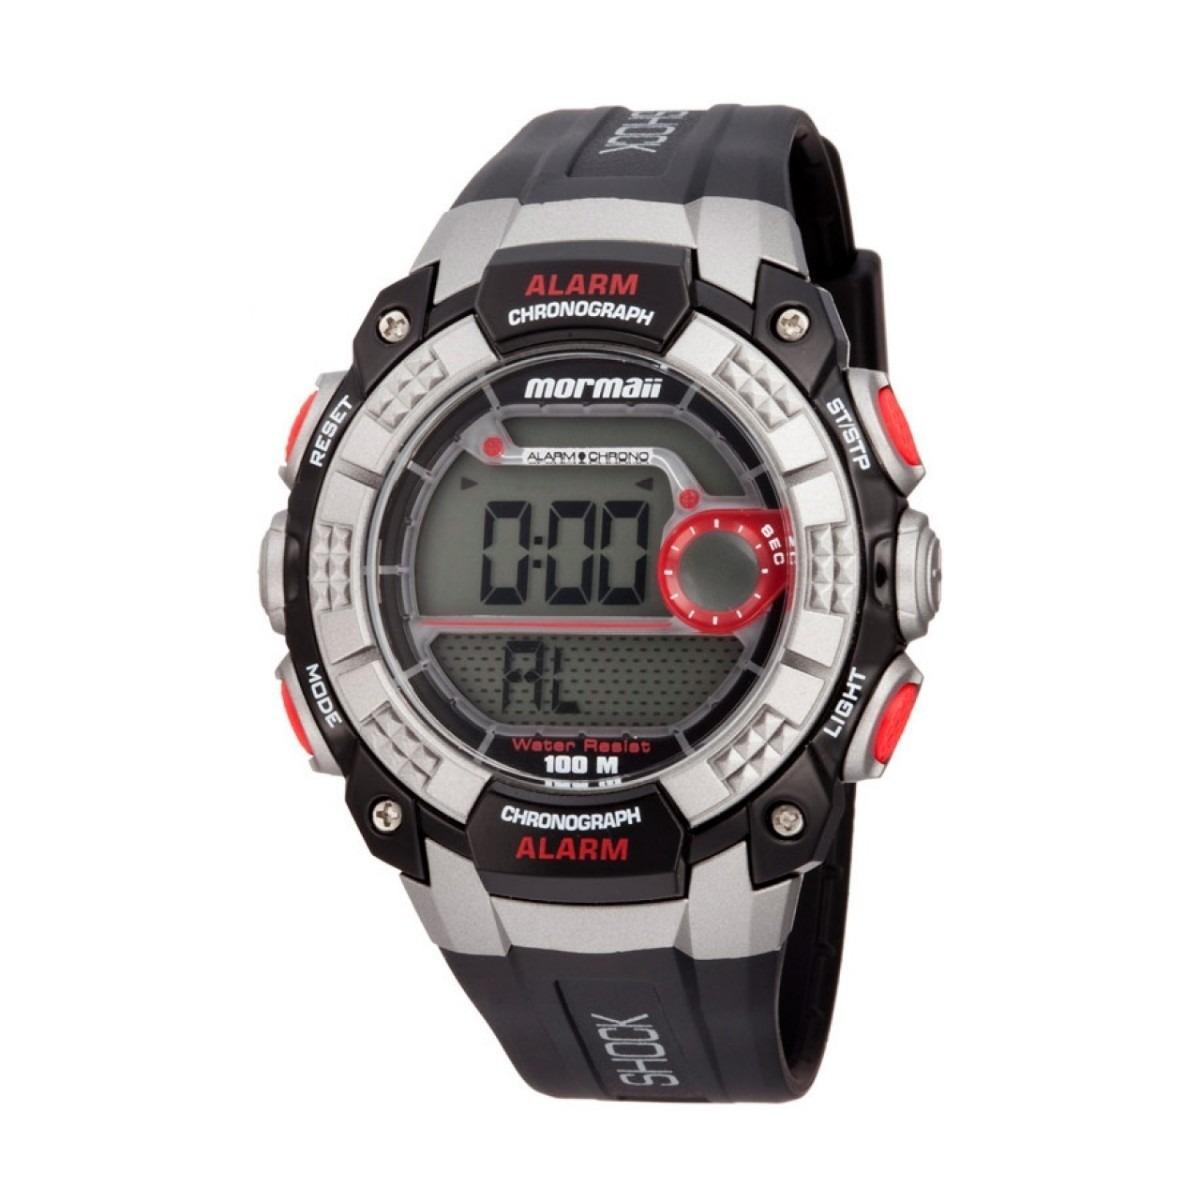 9402198a46550 relógio mormaii yp9432 8p - loja oficial. Carregando zoom.